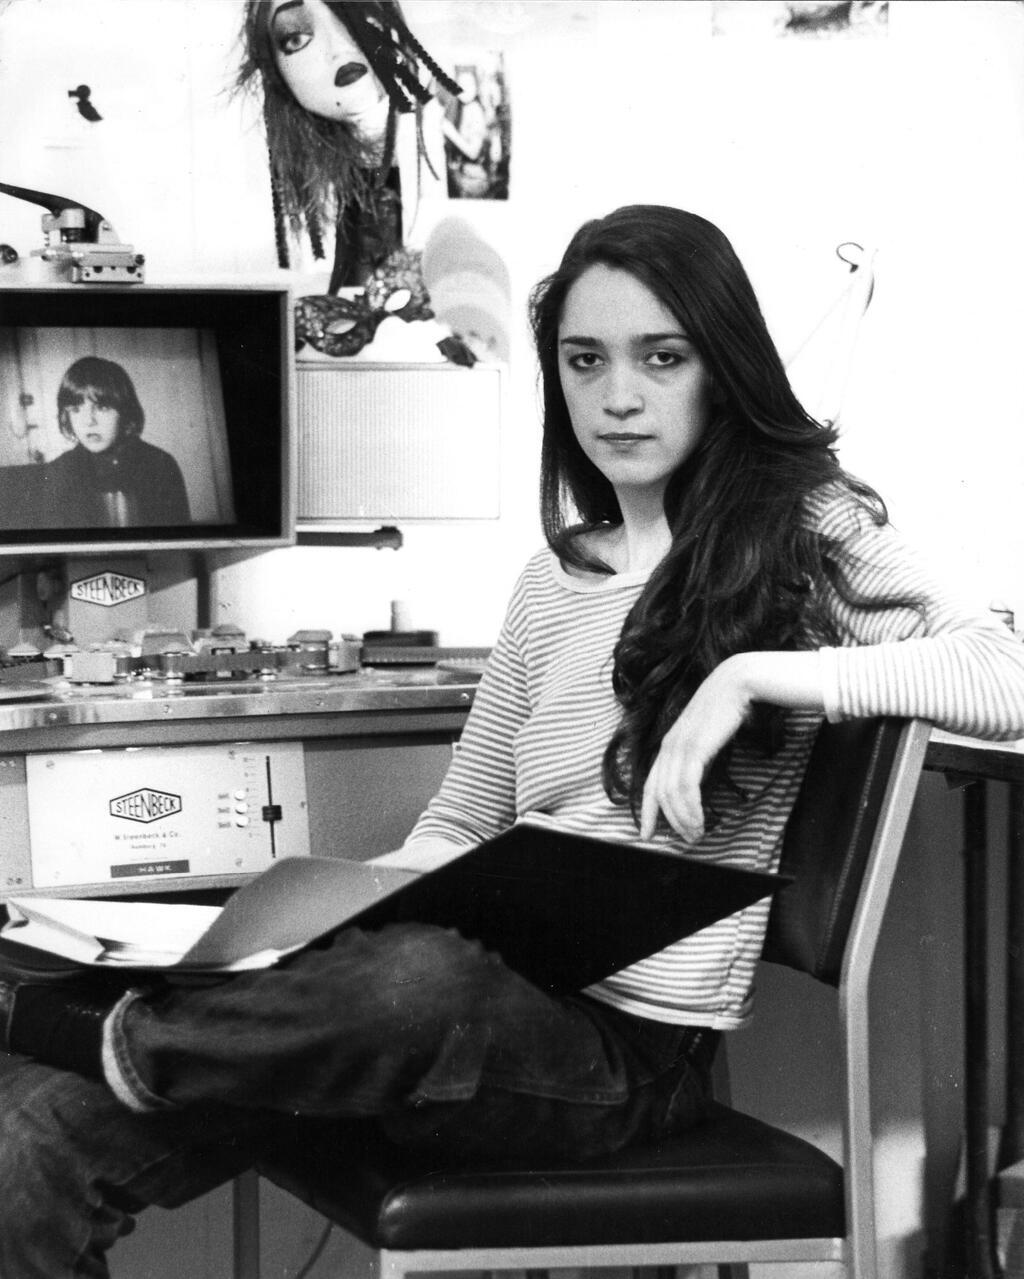 Vivian í EMI-kvikmyndaverinu árið 1980. Hún fékkst þar við klippingu á heimildarmynd um gerð kvikmyndarinnar The Shining.